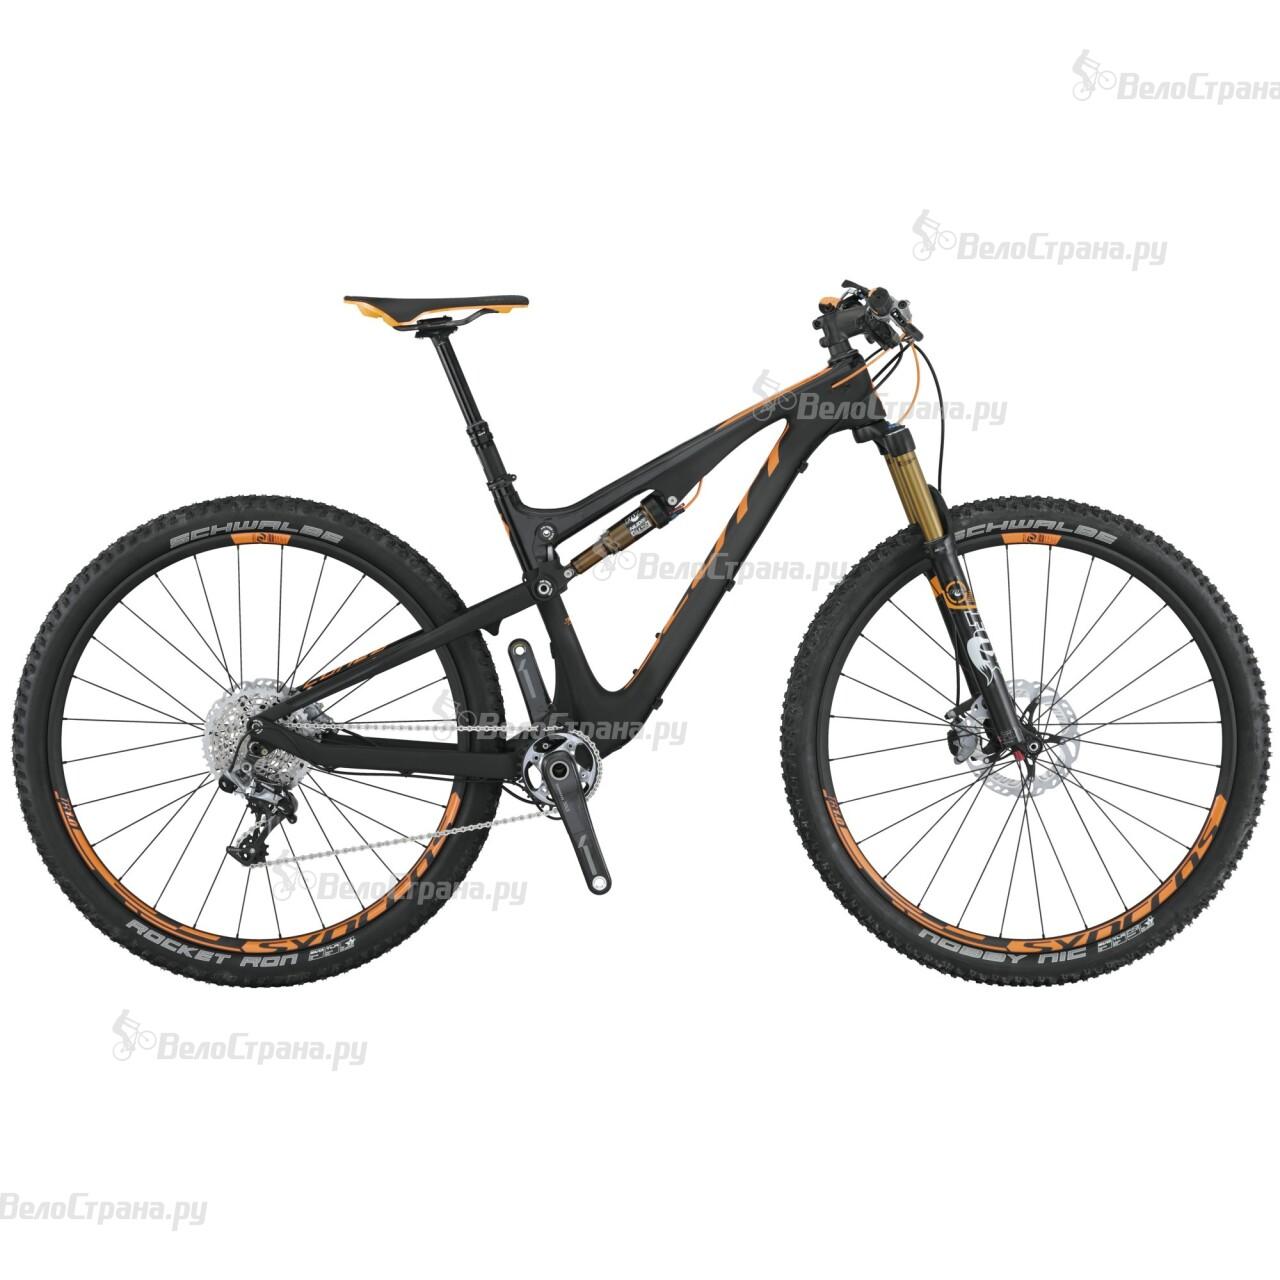 Велосипед Scott Genius 900 Tuned (2015) scott genius 750 2015